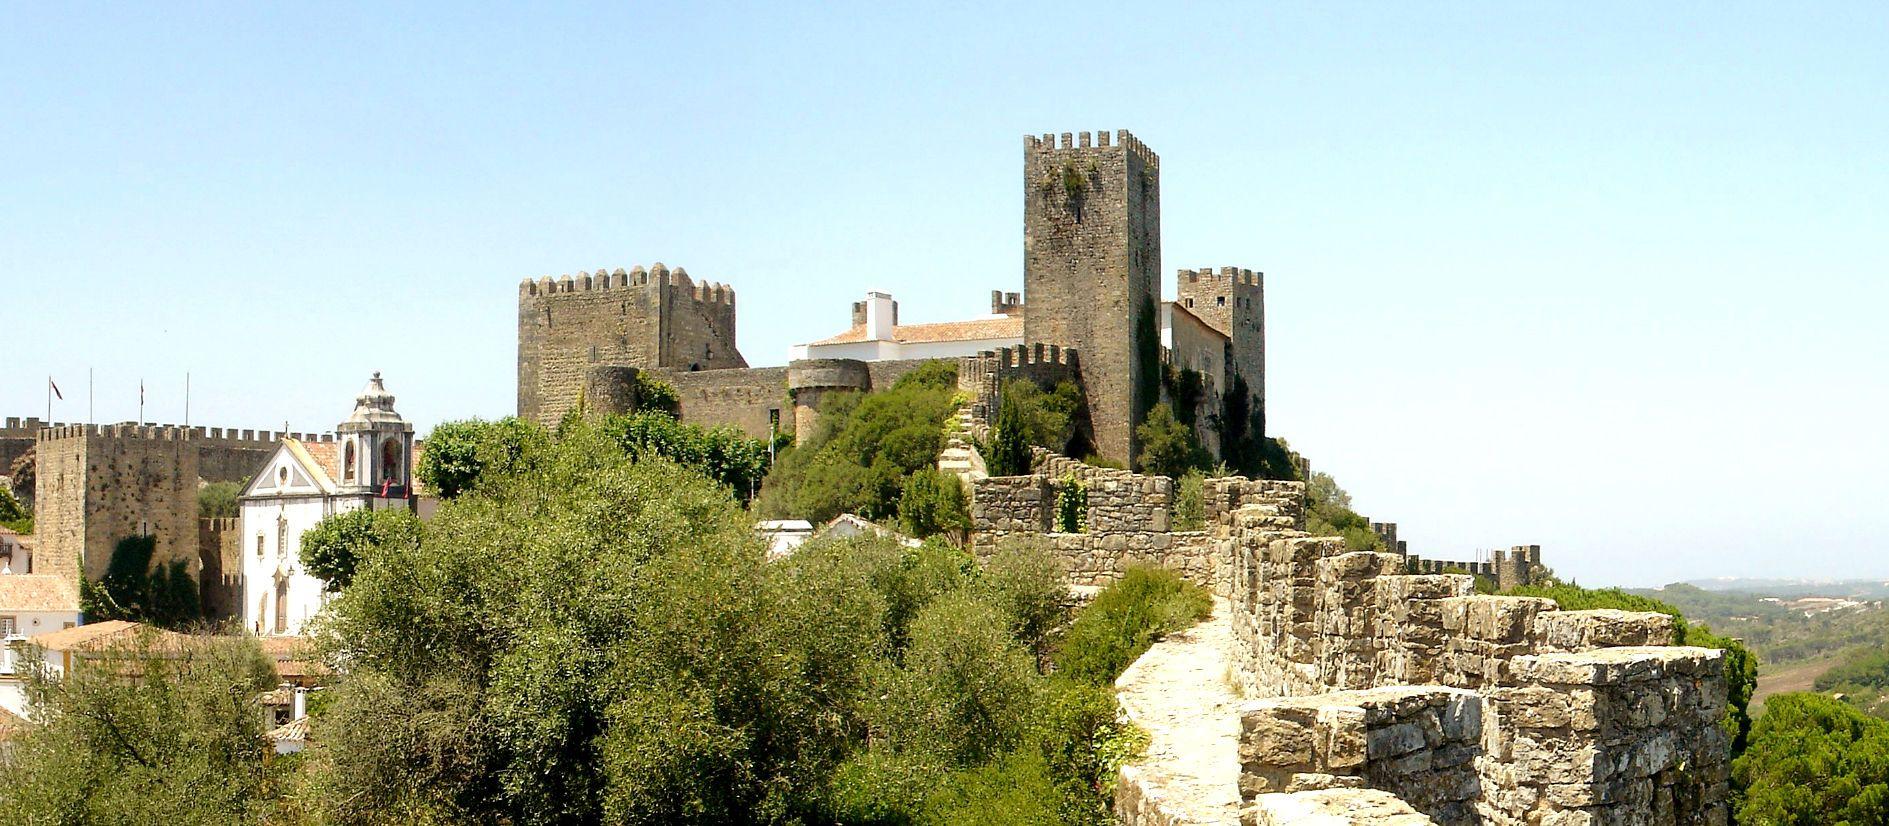 Замок Обідуш, Португалія